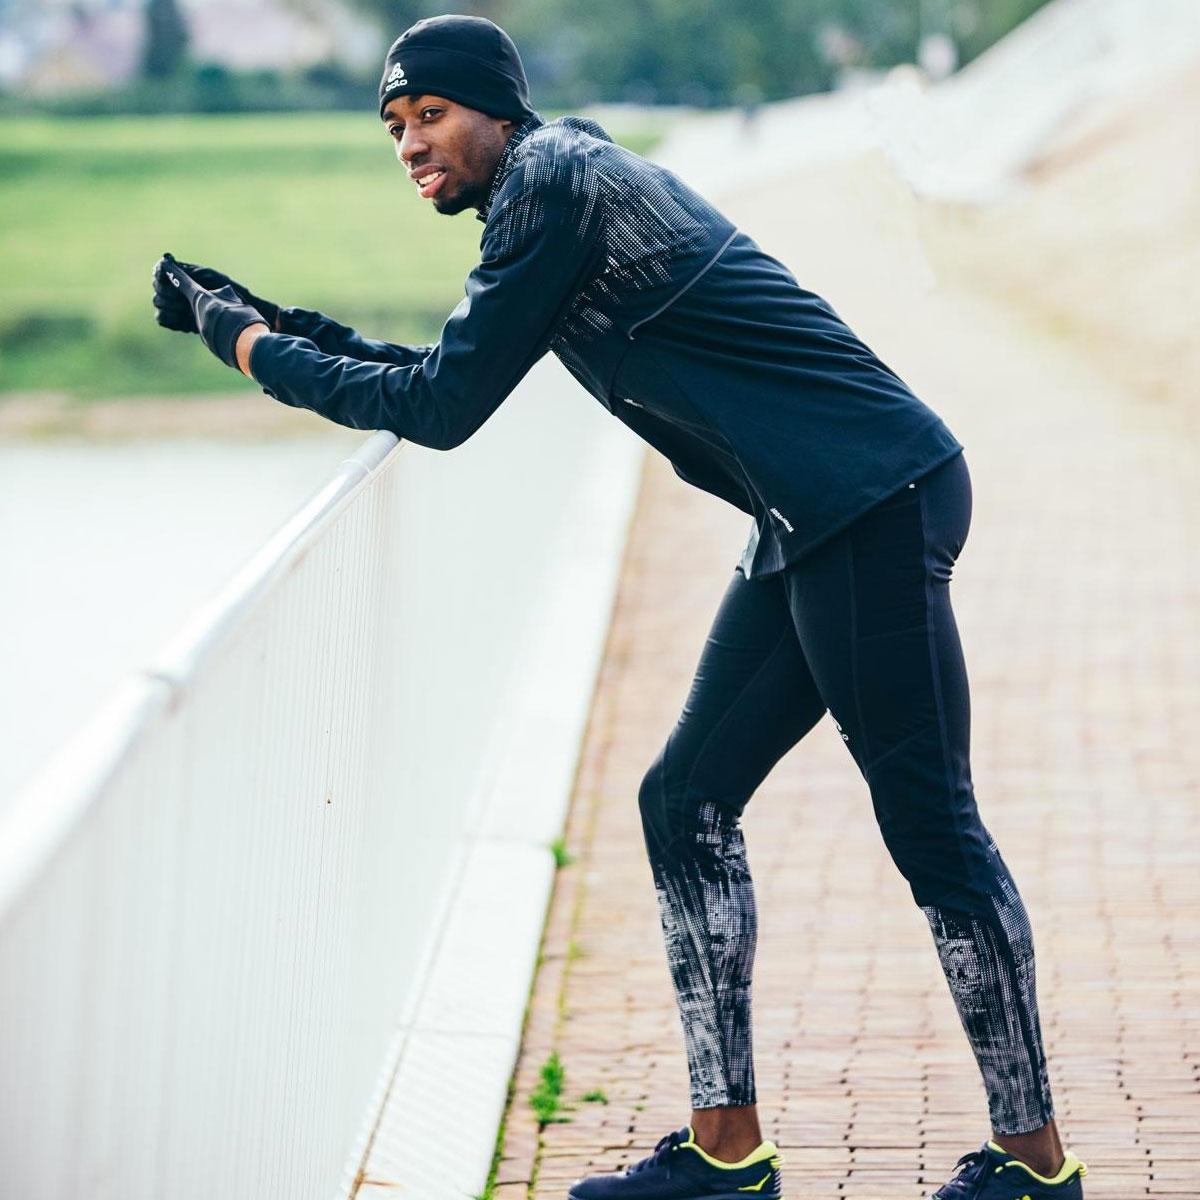 Beter ademen beter hardlopen